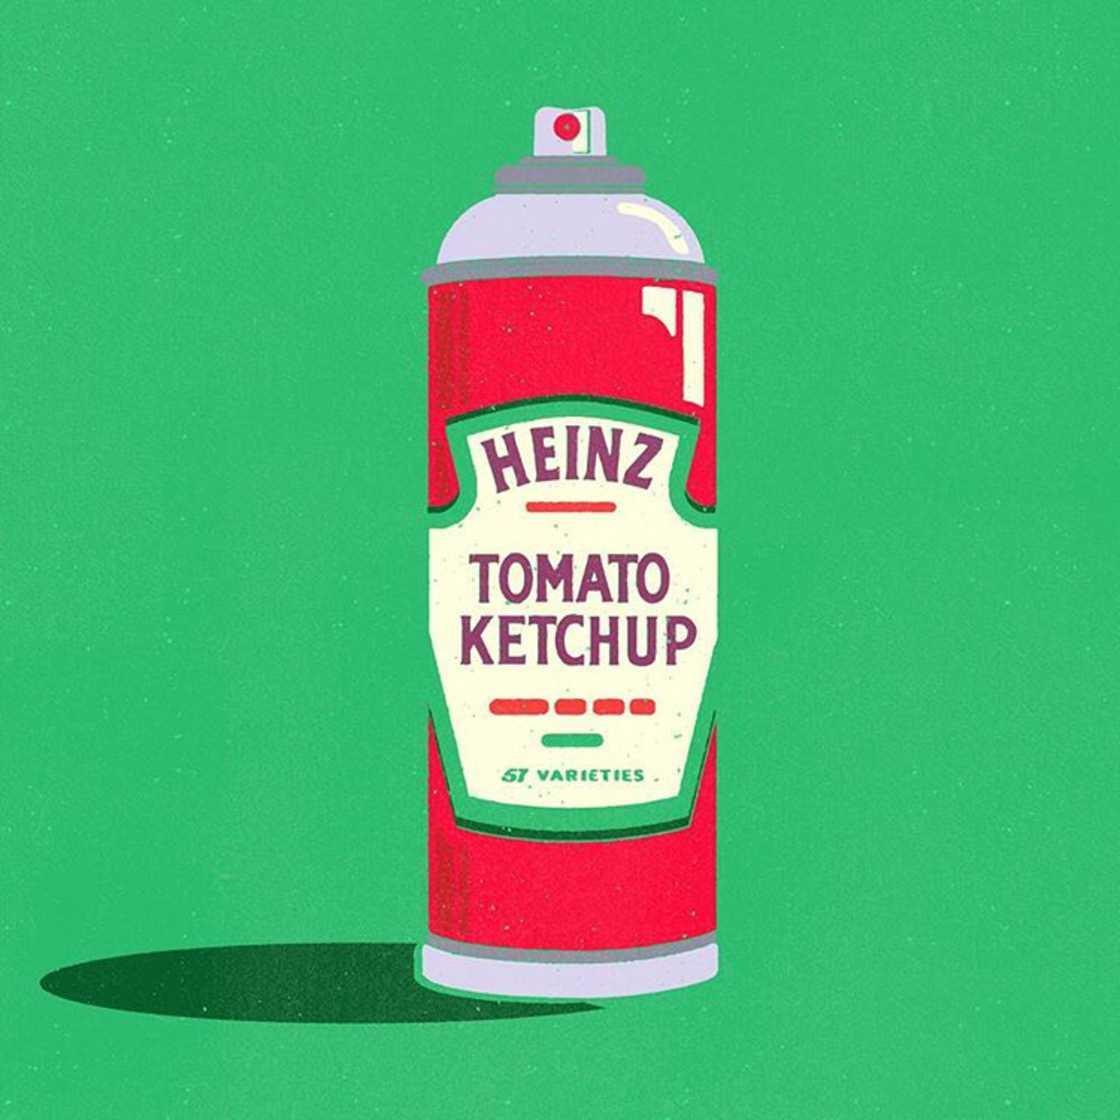 Brand Mixing - Quand un illustrateur melange les marques et les packagings